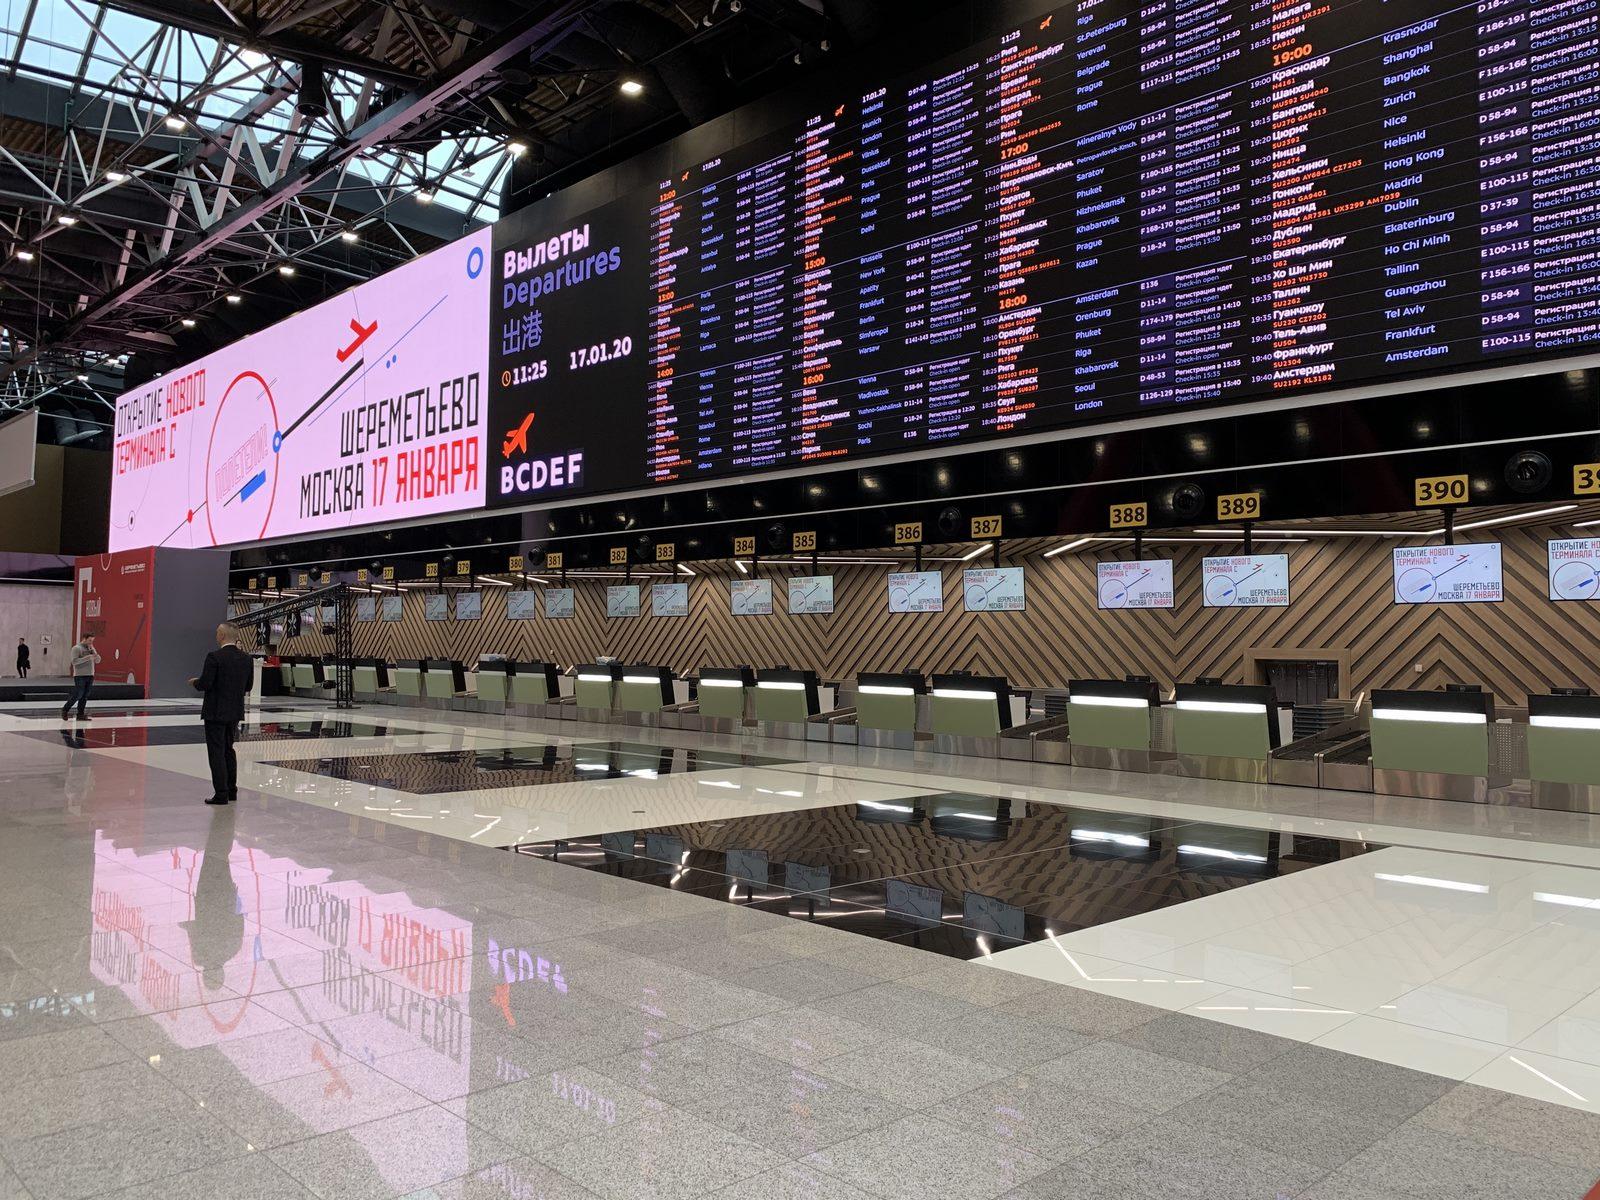 La historia y cultura rusa reflejada en el Aeropuerto de Moscú 4